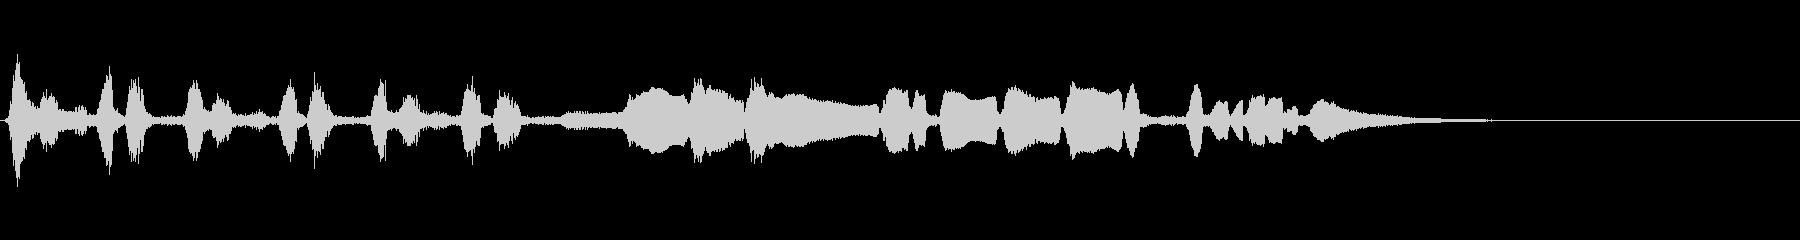 【生演奏】アコーディオンジングル44の未再生の波形